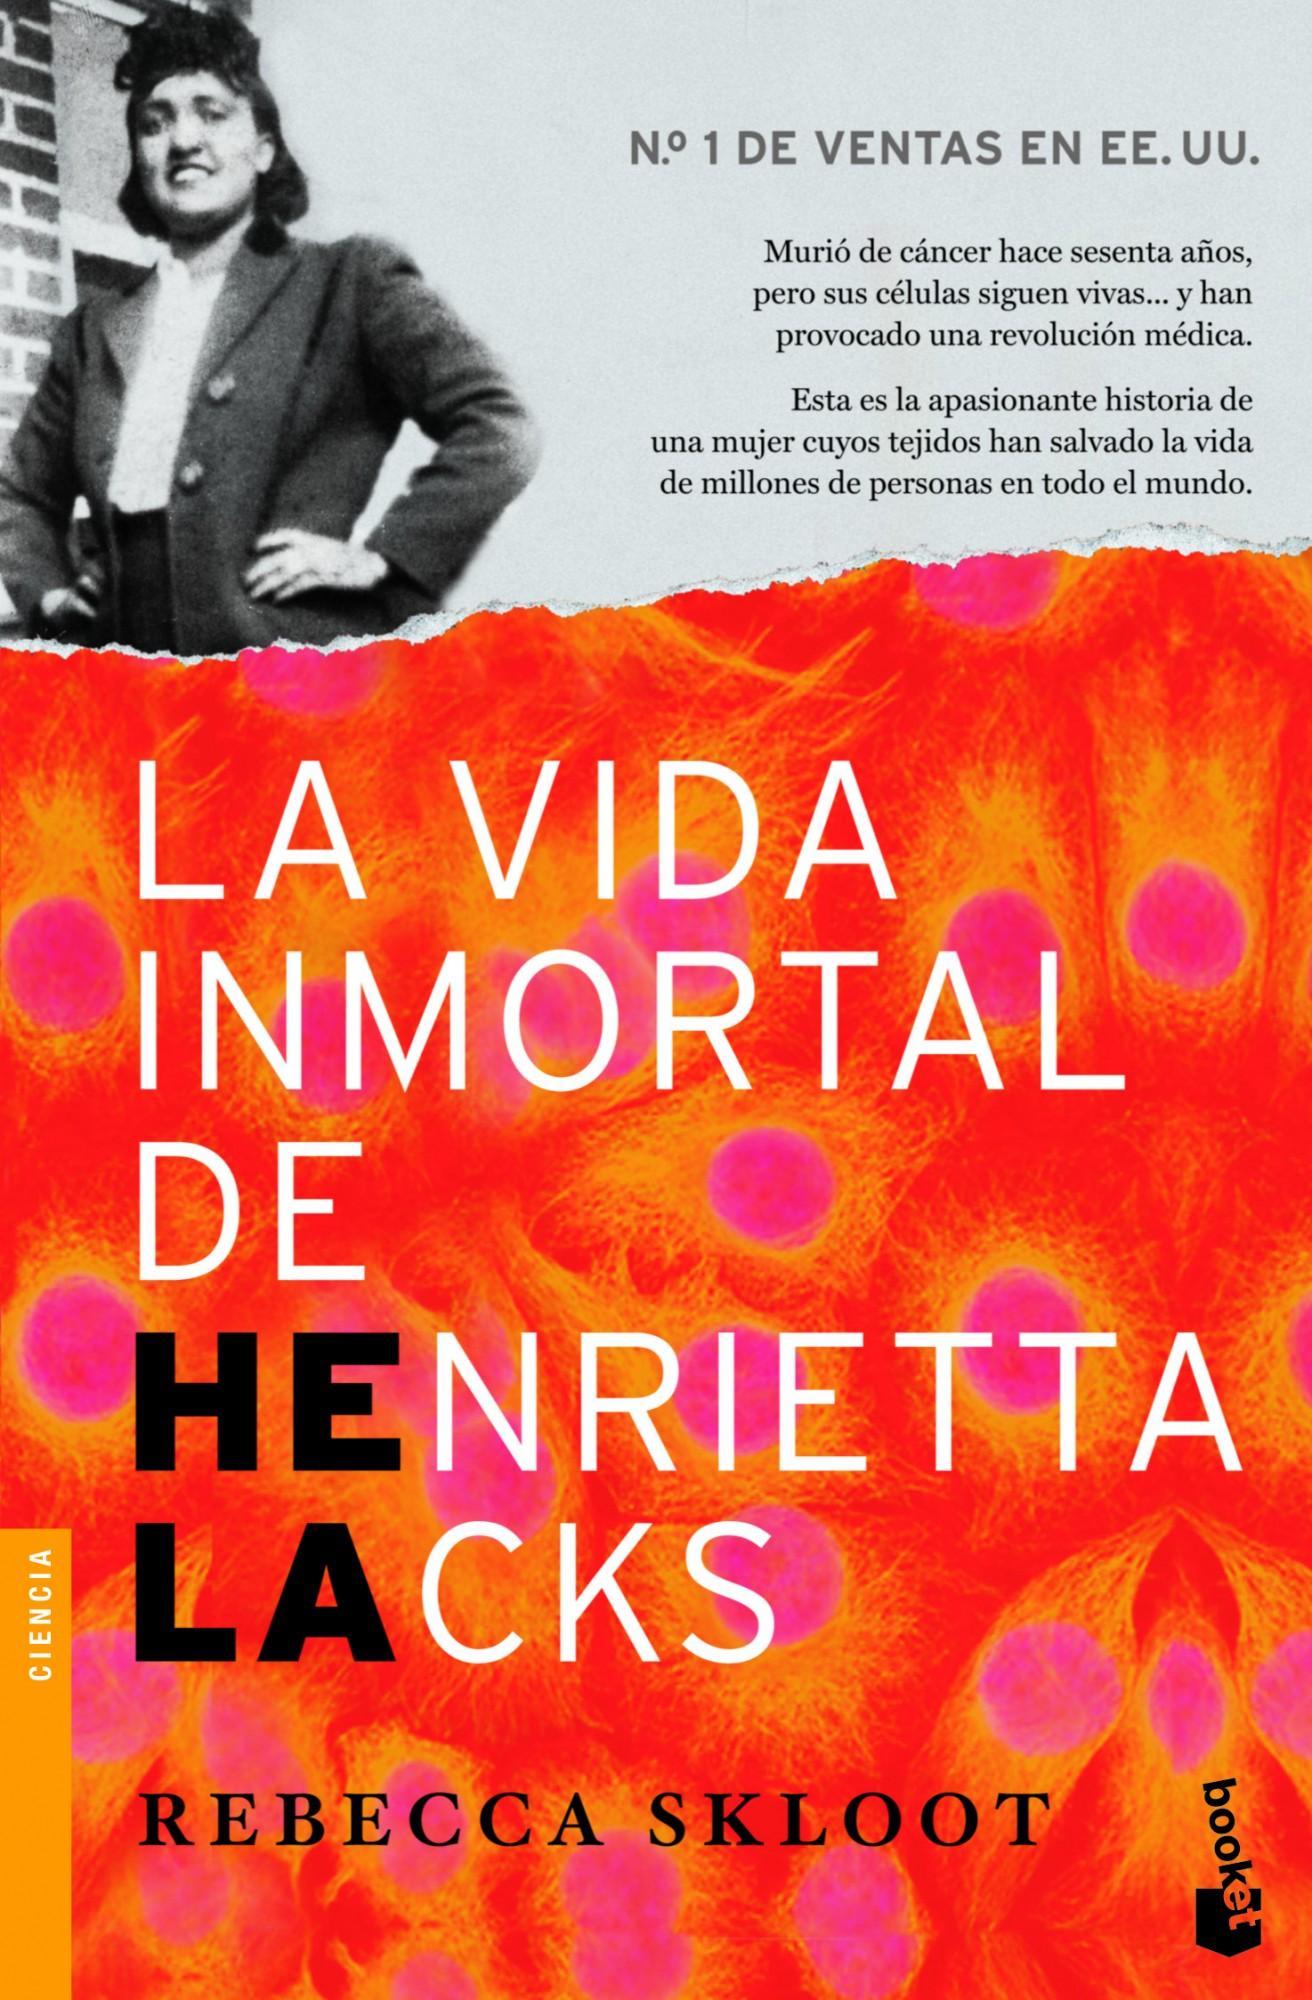 84. The Immortal Life of Henrietta Lacks